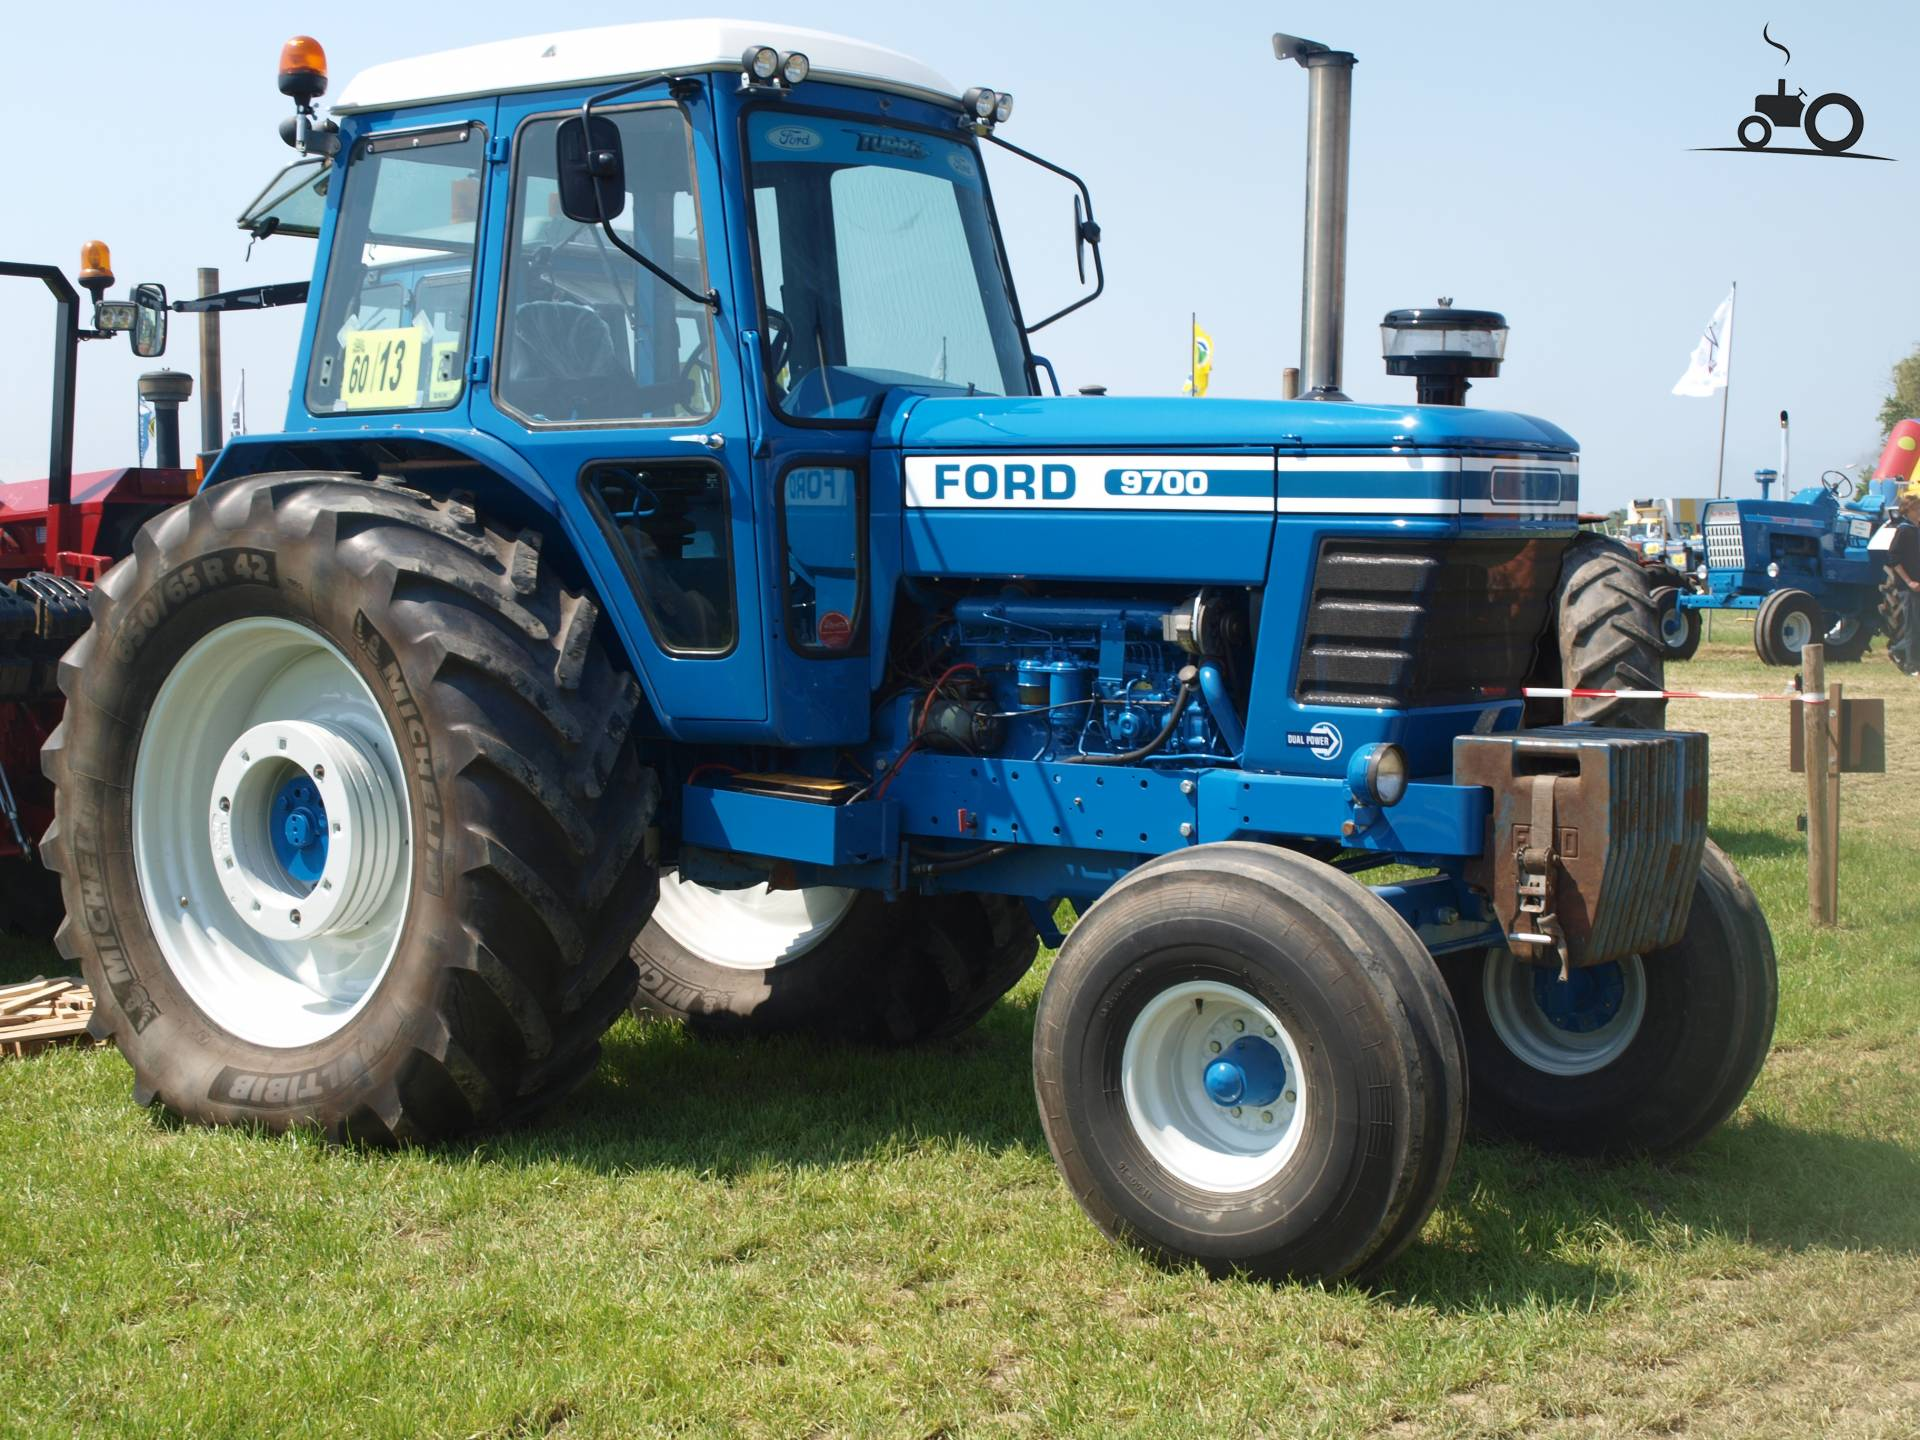 Ford 9700 Tractor : Ford fiche technique info tout sur le